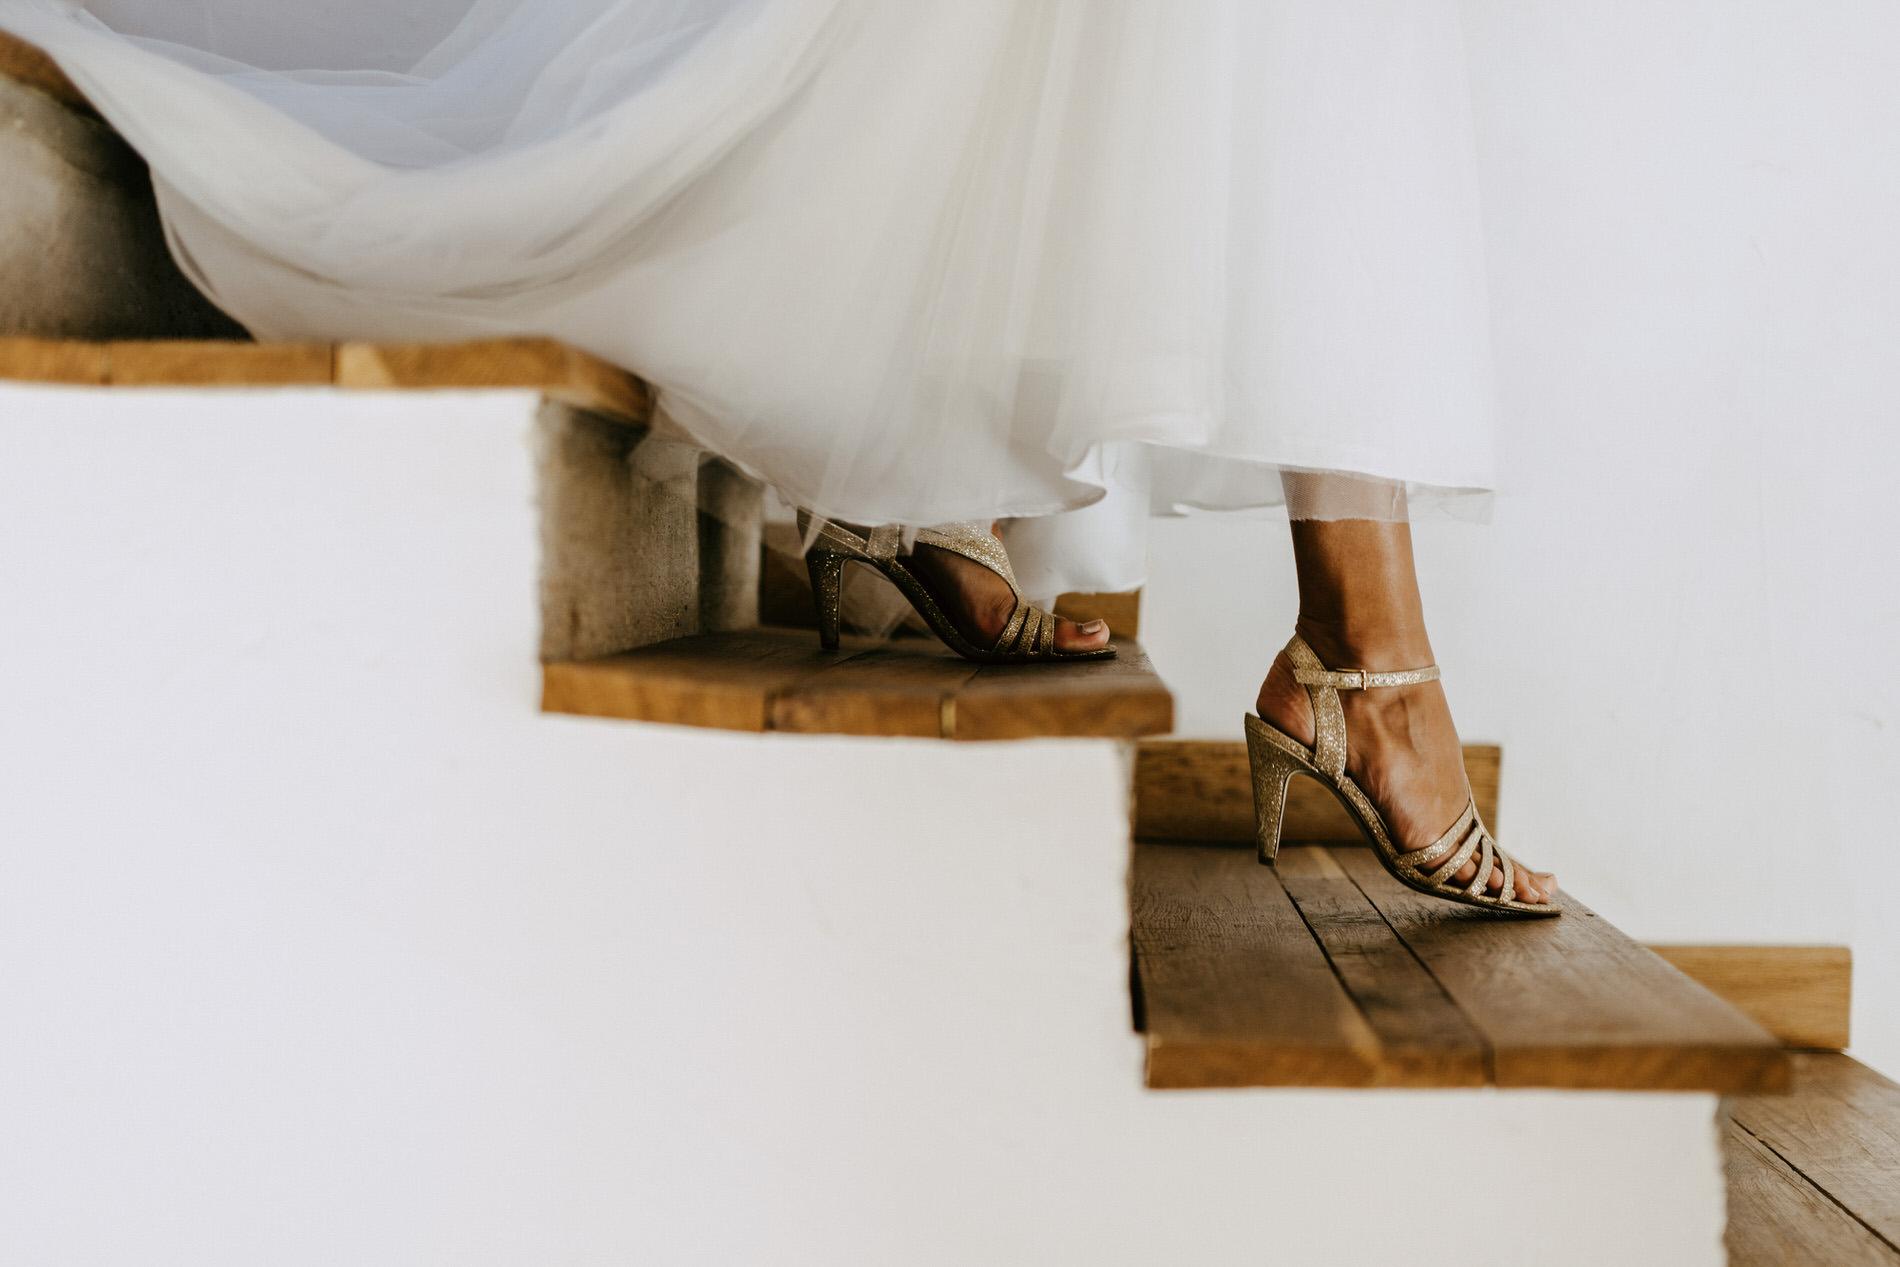 détails de la mariée - reportage photo de mariage ile de france - chaussures de la mariée - photos préparatifs de mariage - photographe mariage seine et marne - photographe fonatinebleau - lucie atlan photographe